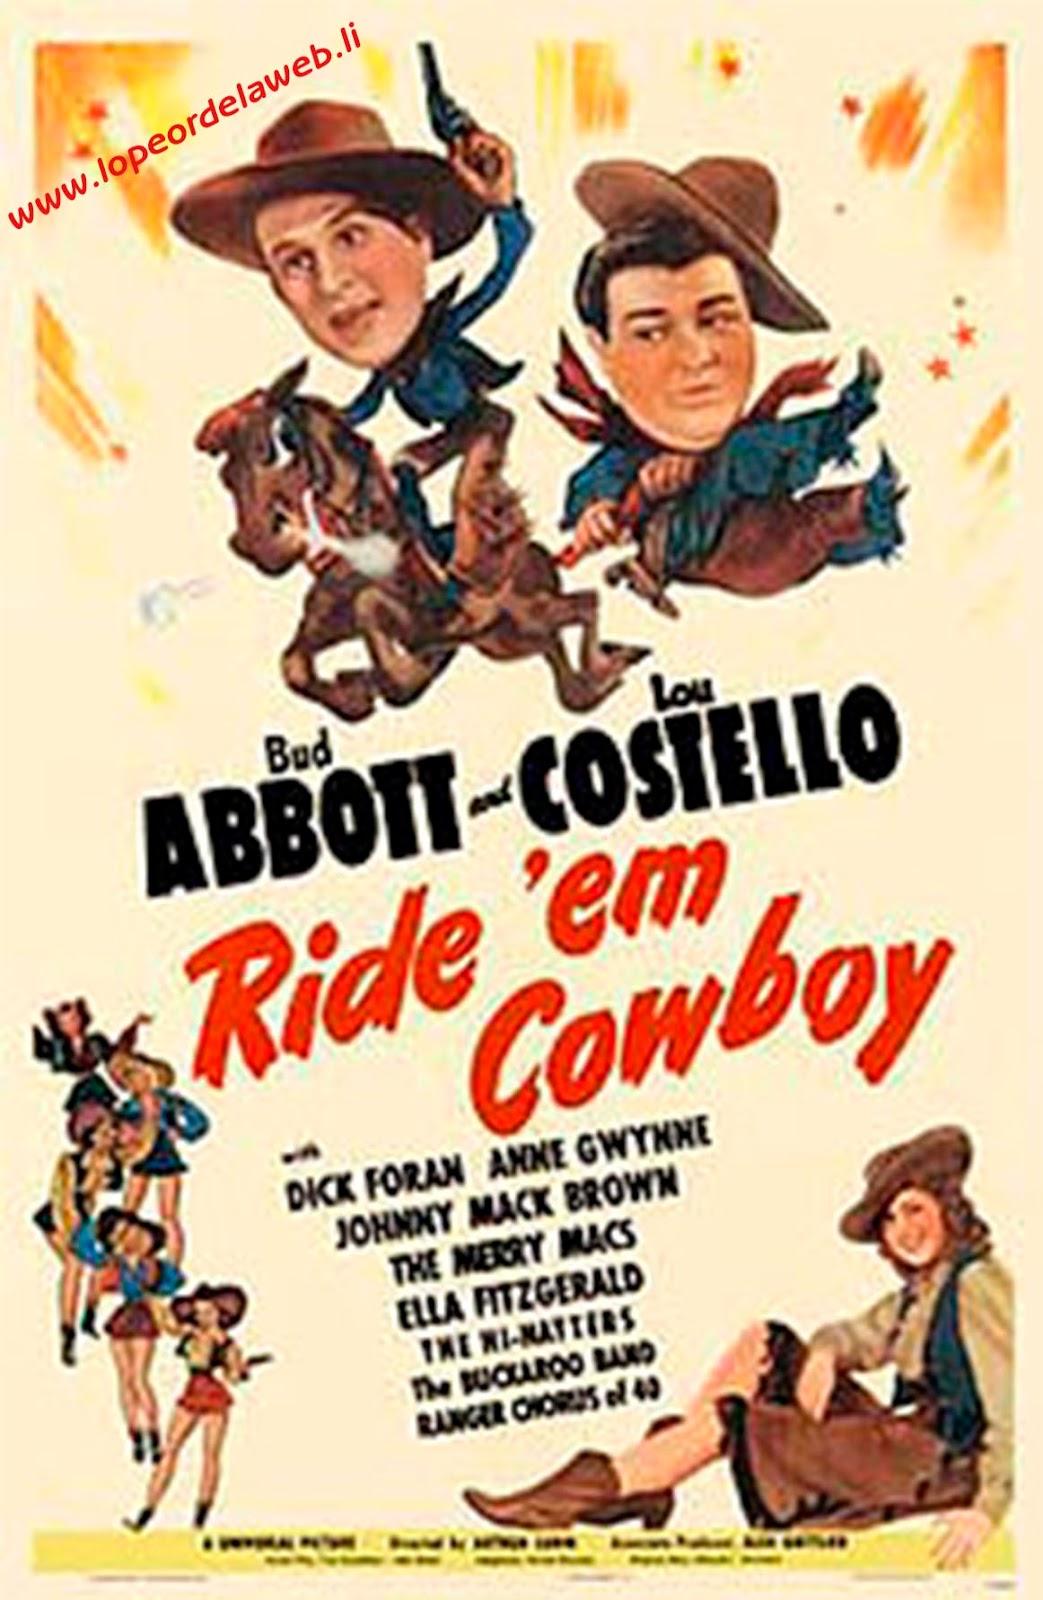 Galopa, Muchacho! (1942/Abbott y Costello/Ride 'Em Cowboy)